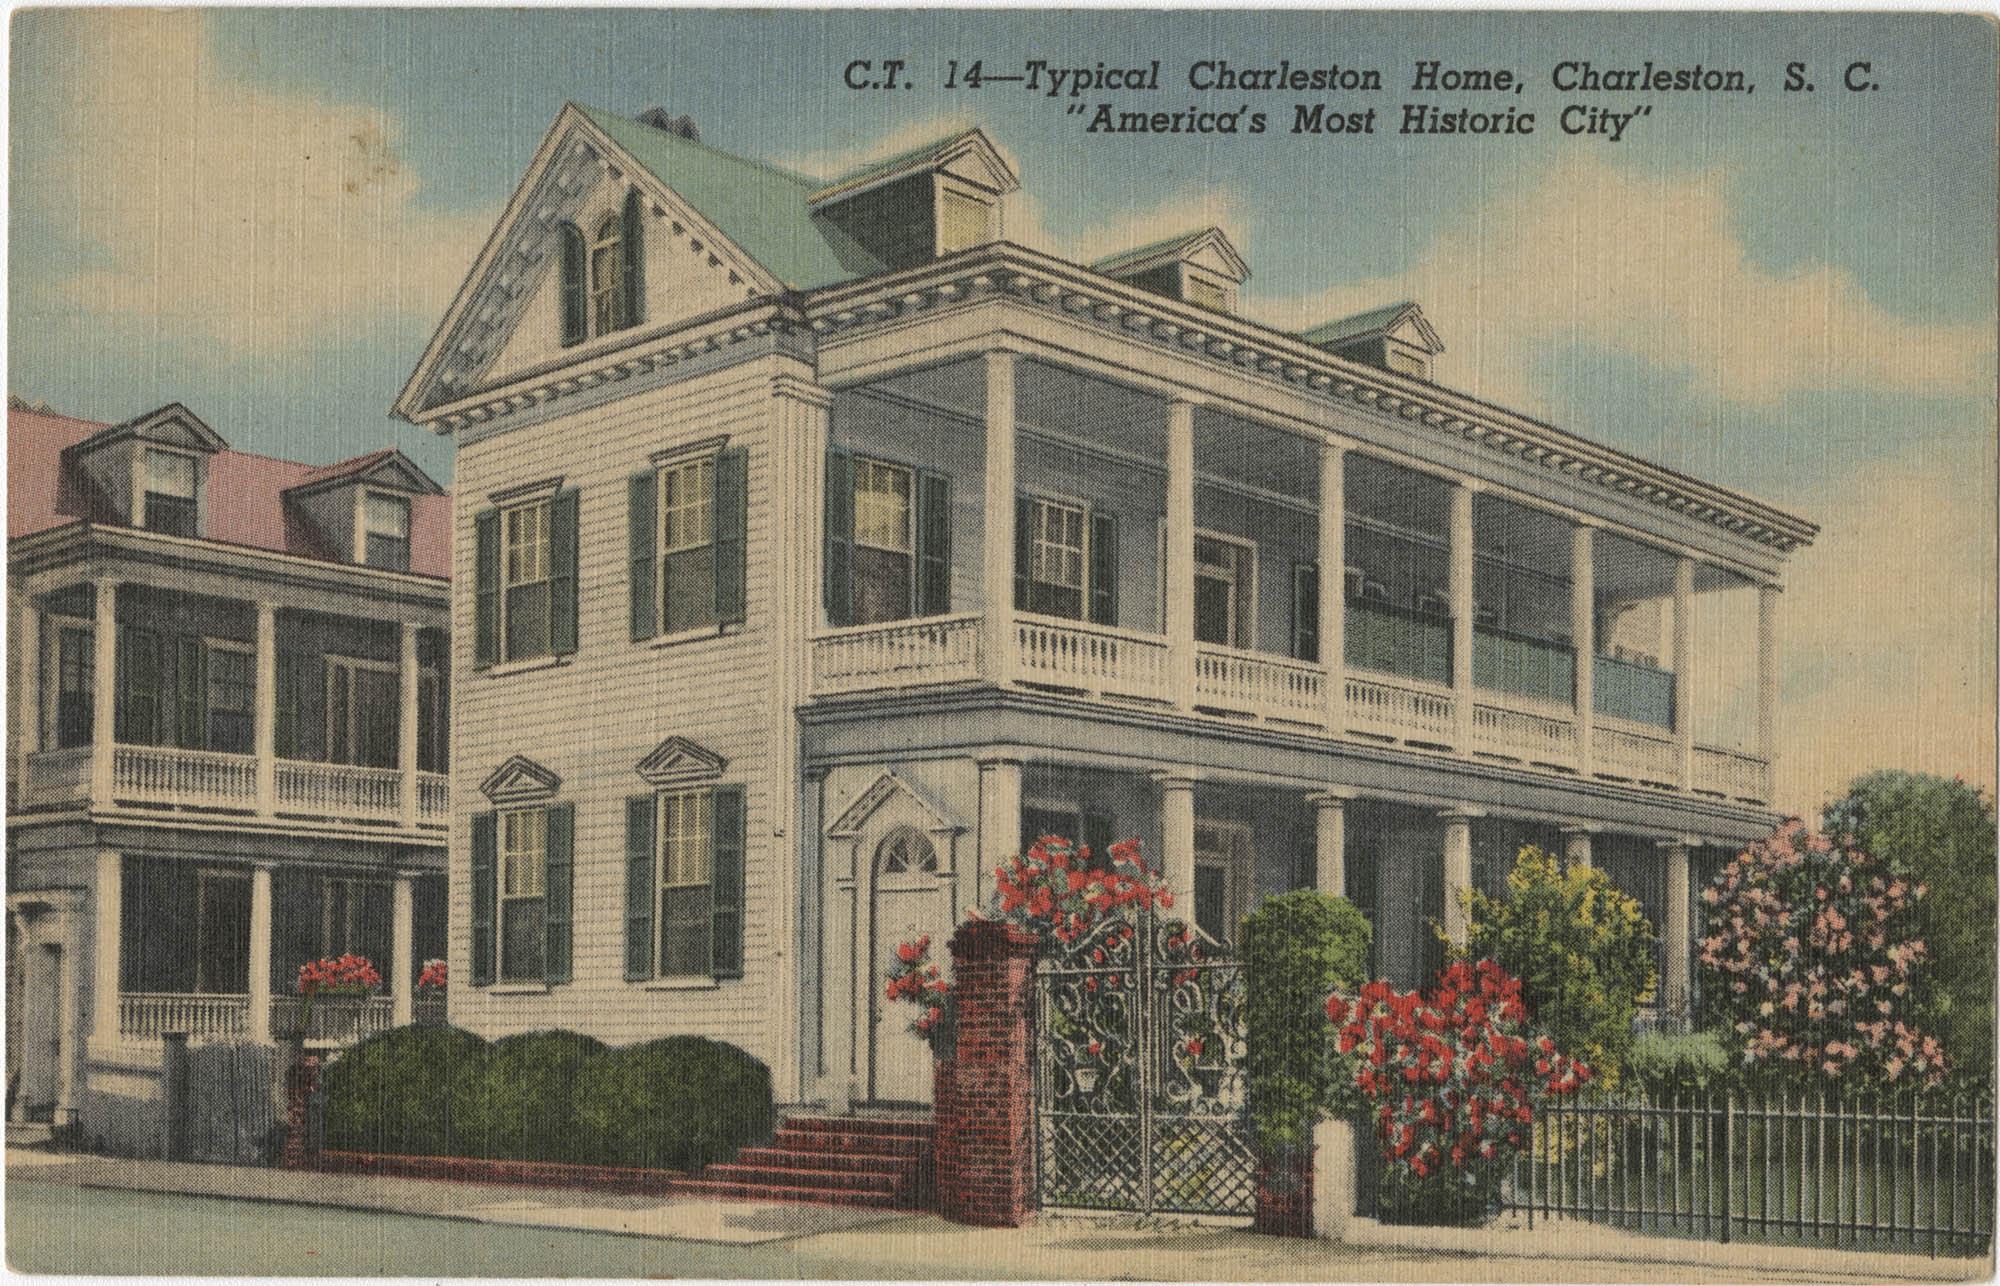 Typical Charleston Home, Charleston, S.C.